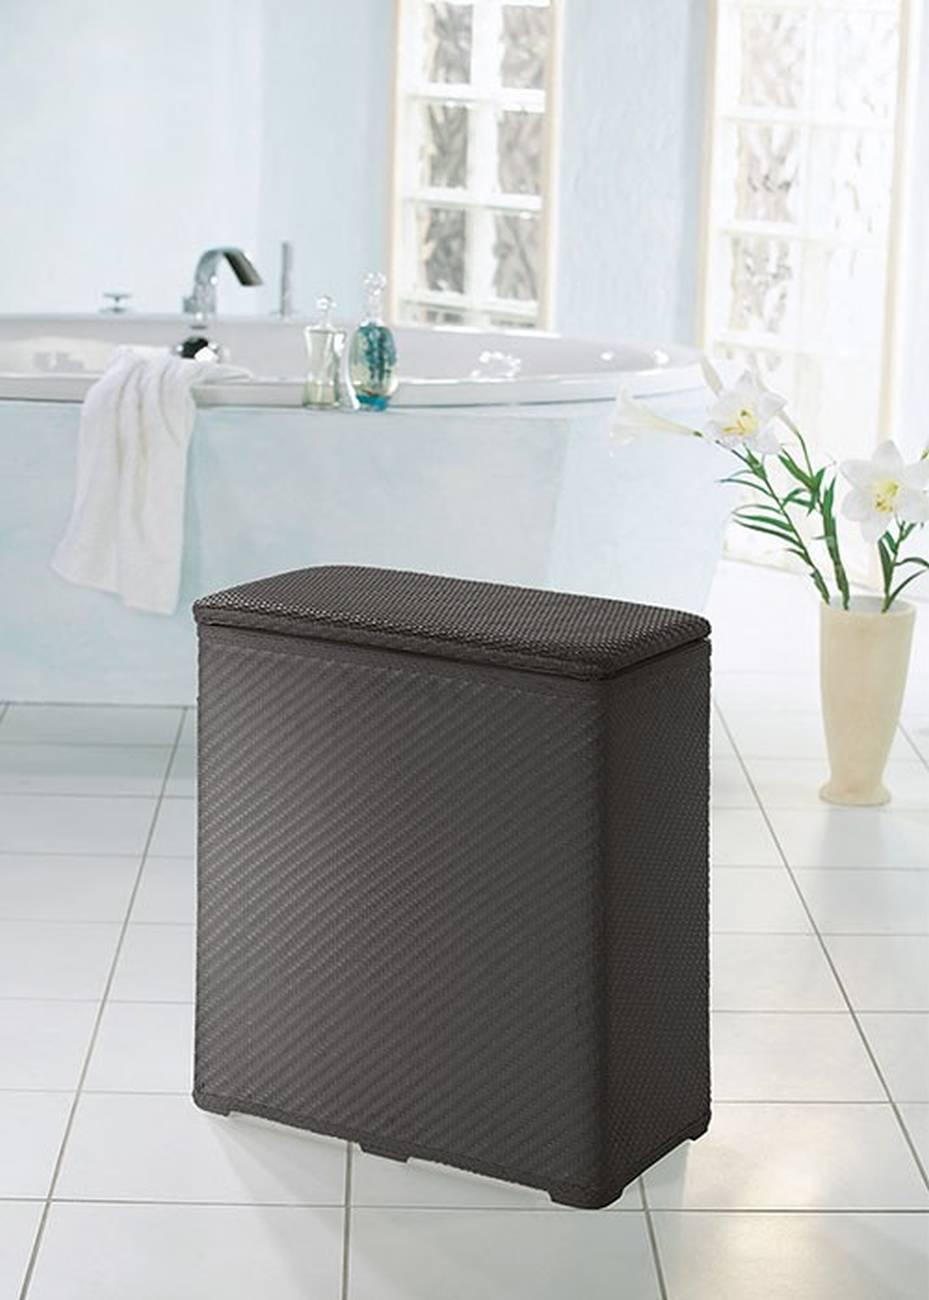 Wäschebox Wäscheboy 100 % Polypropylen Graphit Wäschebox 48x27x55cm